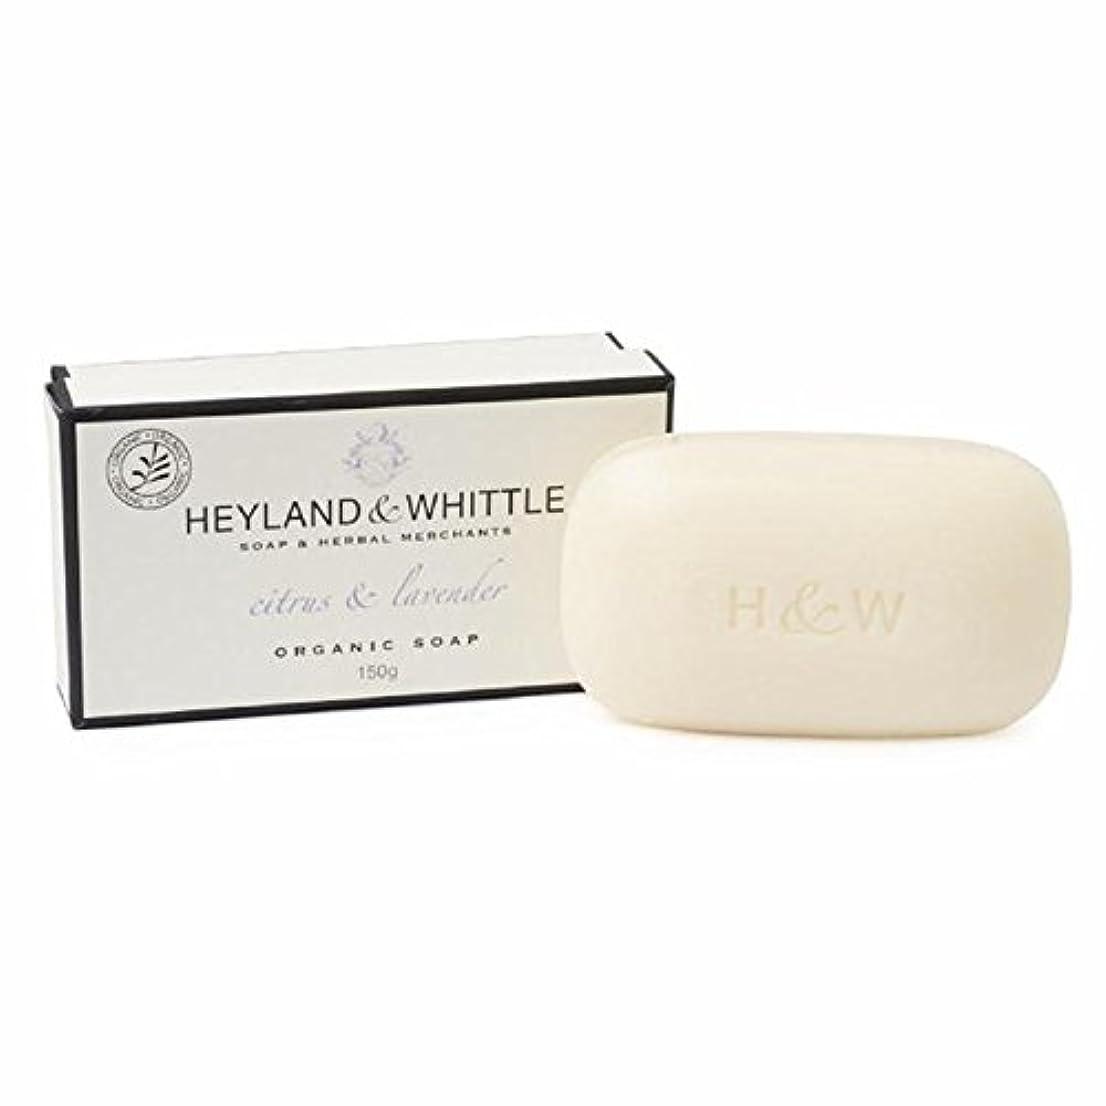 対処寛大な資格情報&削るシトラス&ラベンダーは、有機石鹸150グラム箱入り x4 - Heyland & Whittle Citrus & Lavender Boxed Organic Soap 150g (Pack of 4) [並行輸入品]